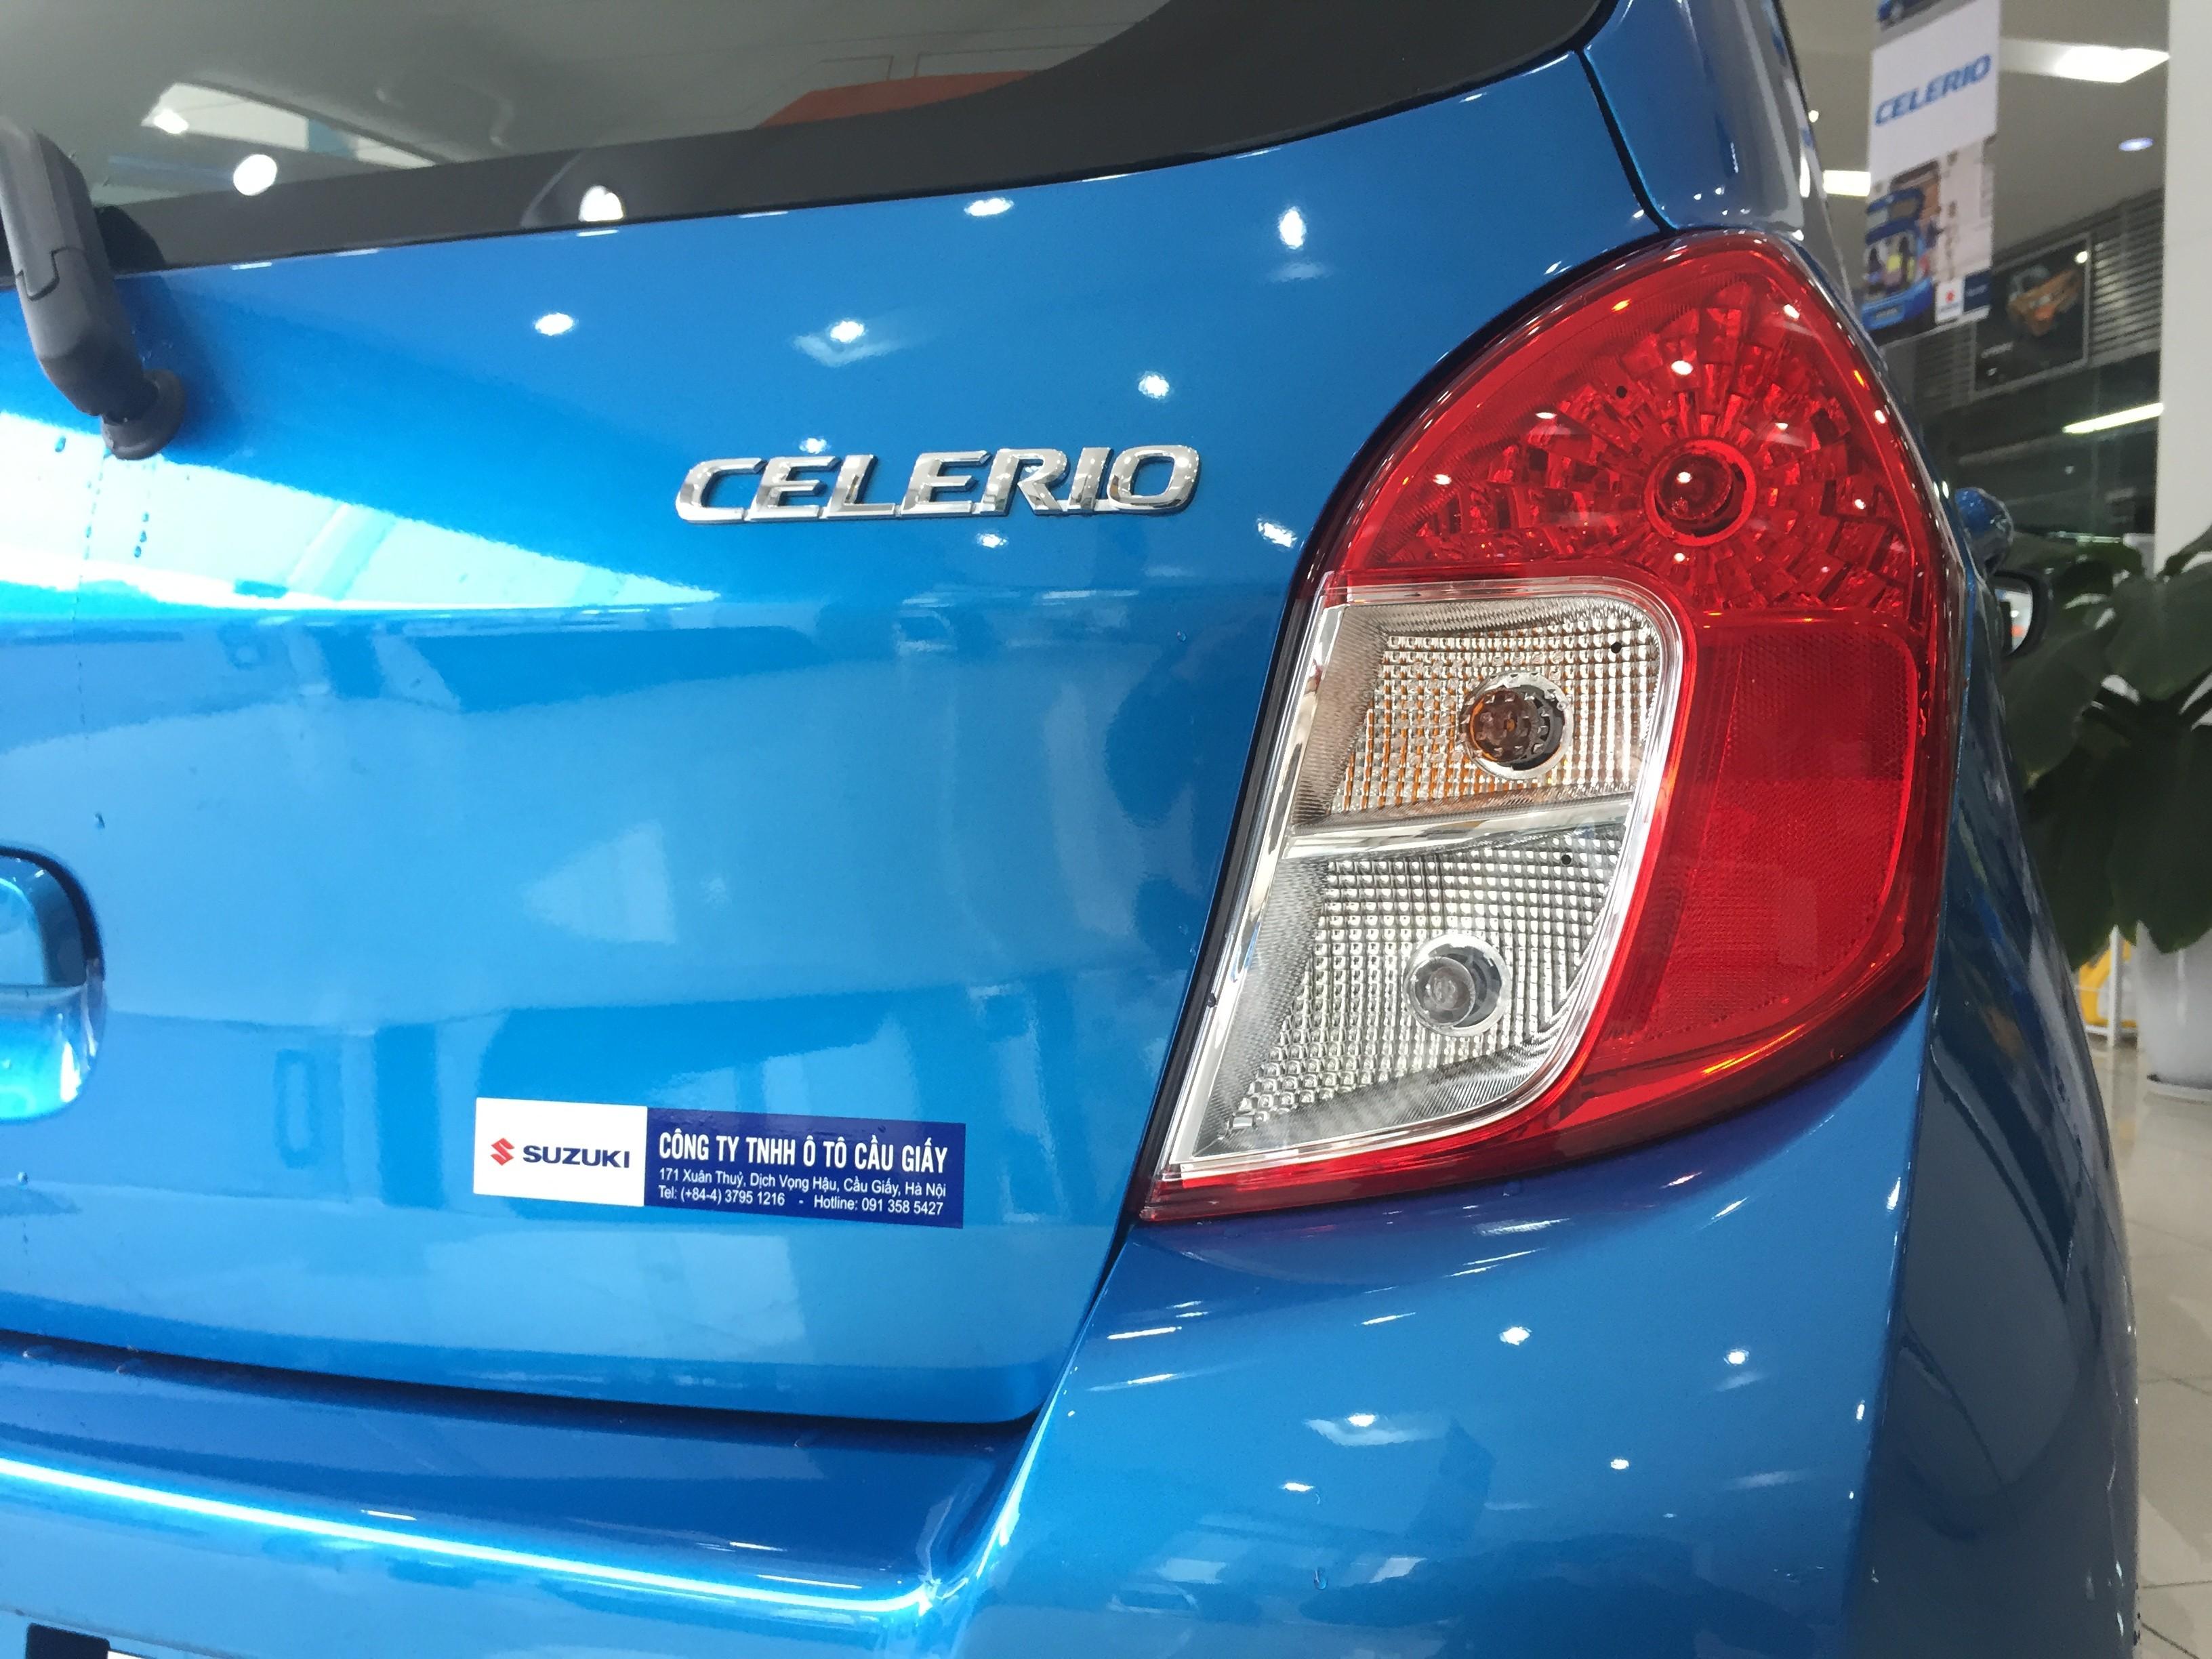 Thị trường xe - Suzuki Celerio đầu tiên về Hà Nội, giá 359 triệu đồng (Hình 7).